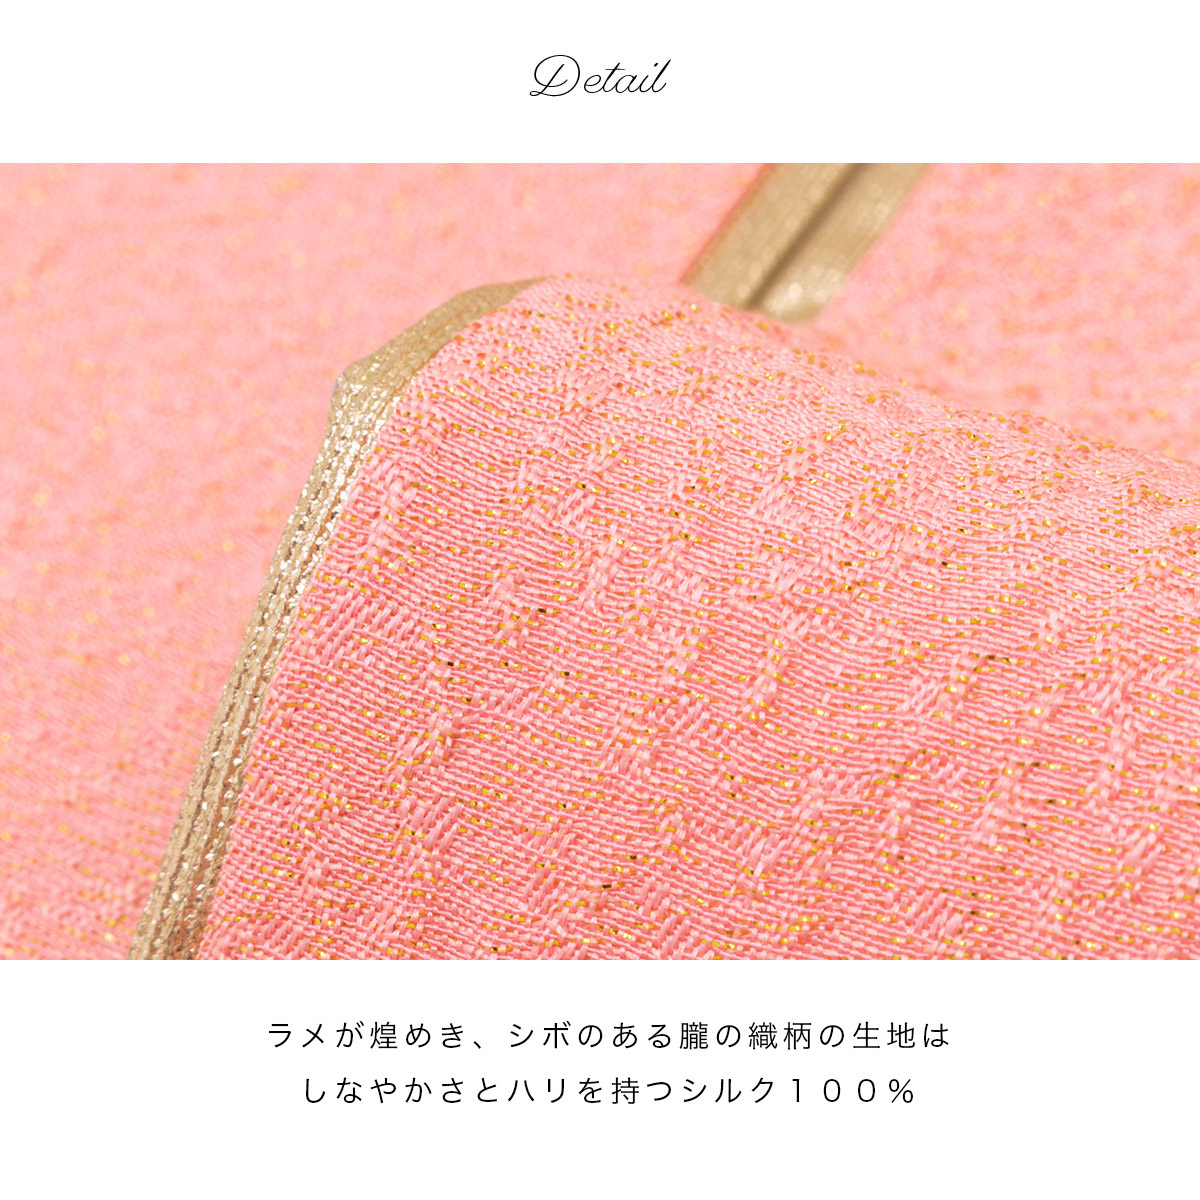 和服をオシャレに飾る重ね衿(伊達襟)